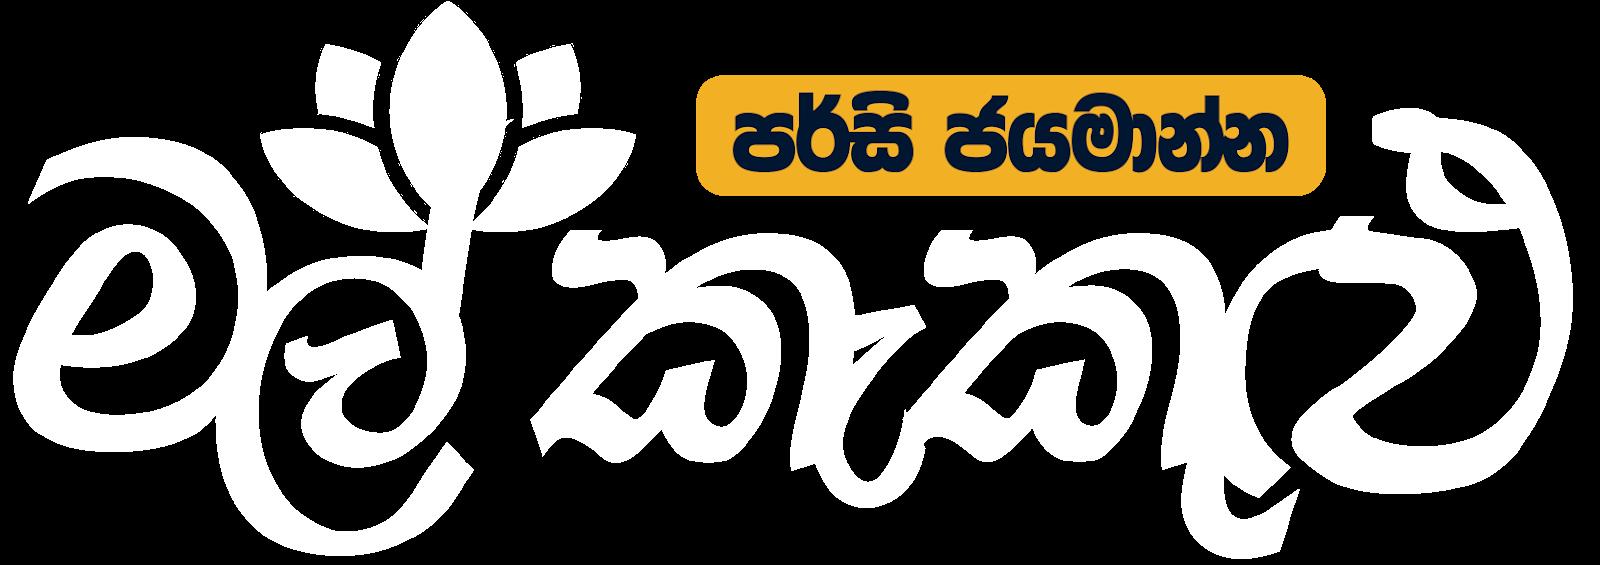 මල් කැකුළු : Malkakulu.com : විශ්වයම ඔබ දෝතට